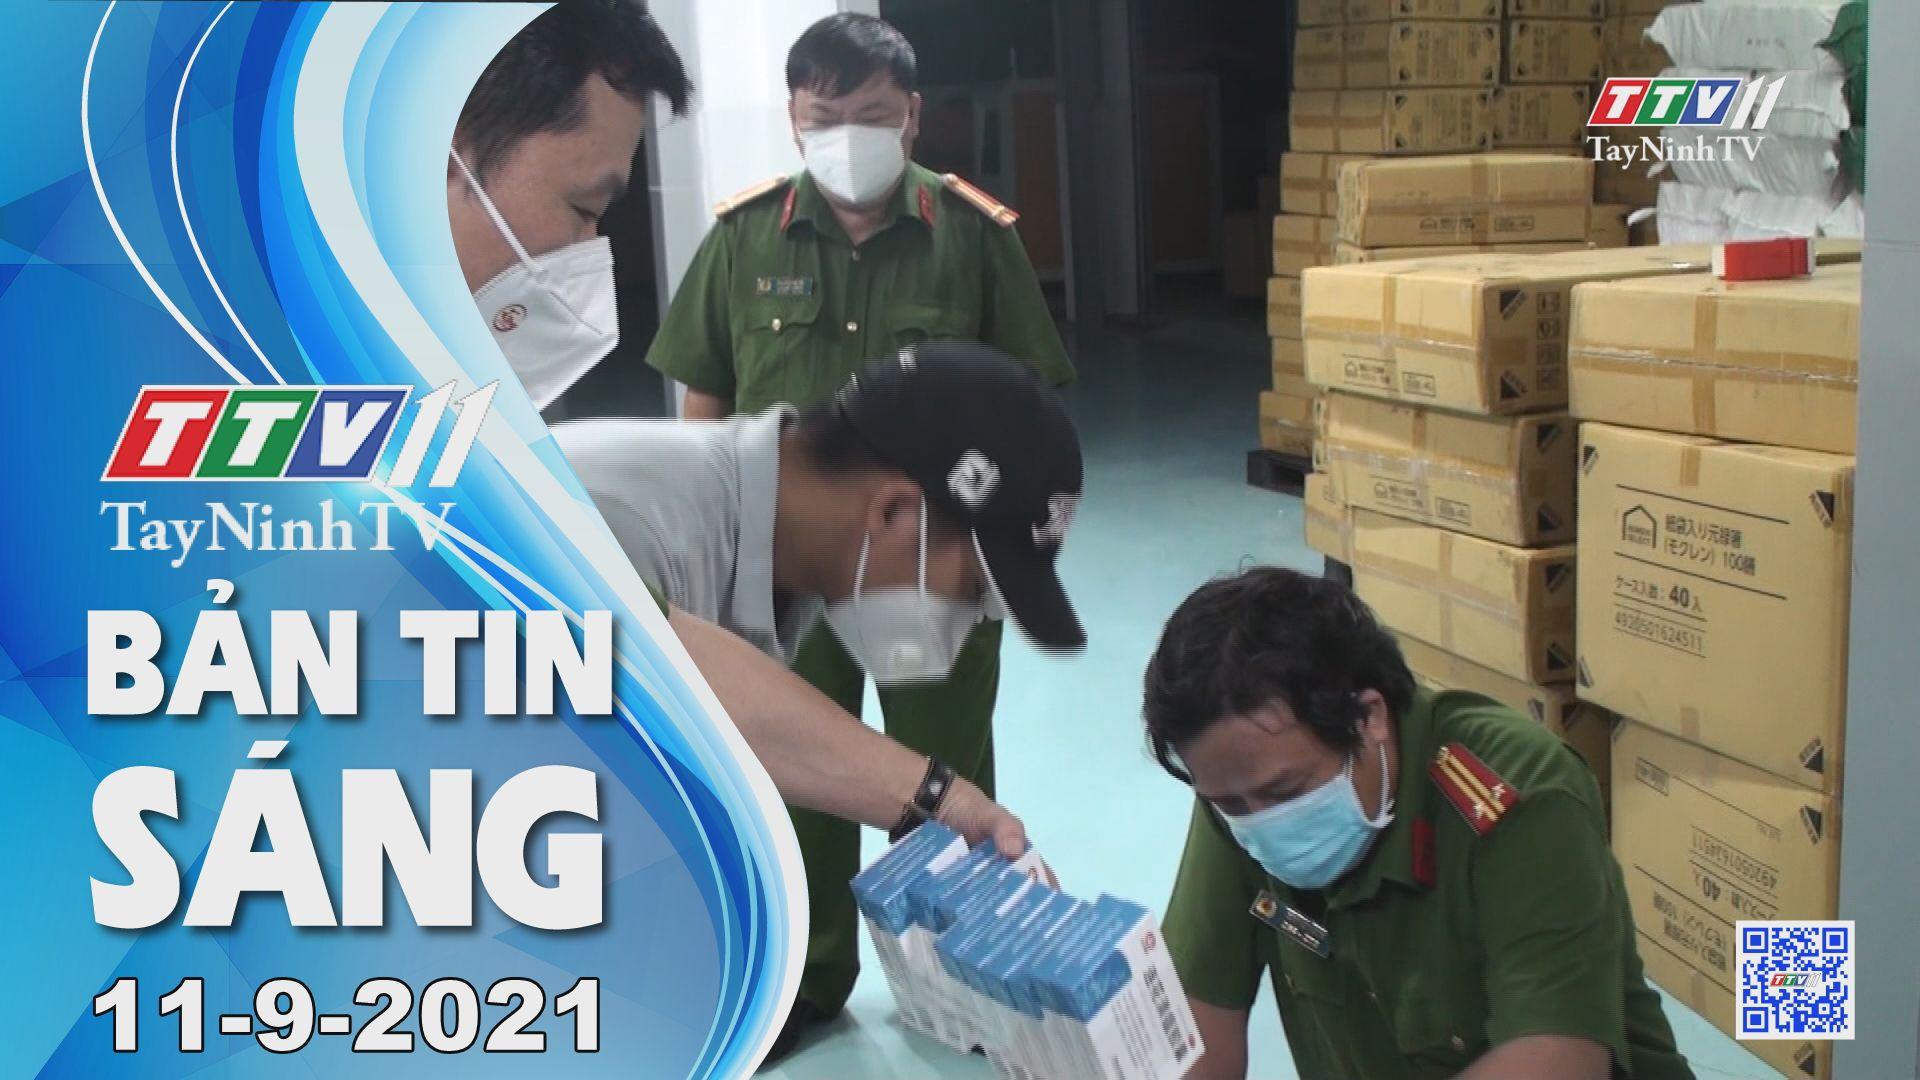 Bản tin sáng 11-9-2021 | Tin tức hôm nay | TayNinhTV